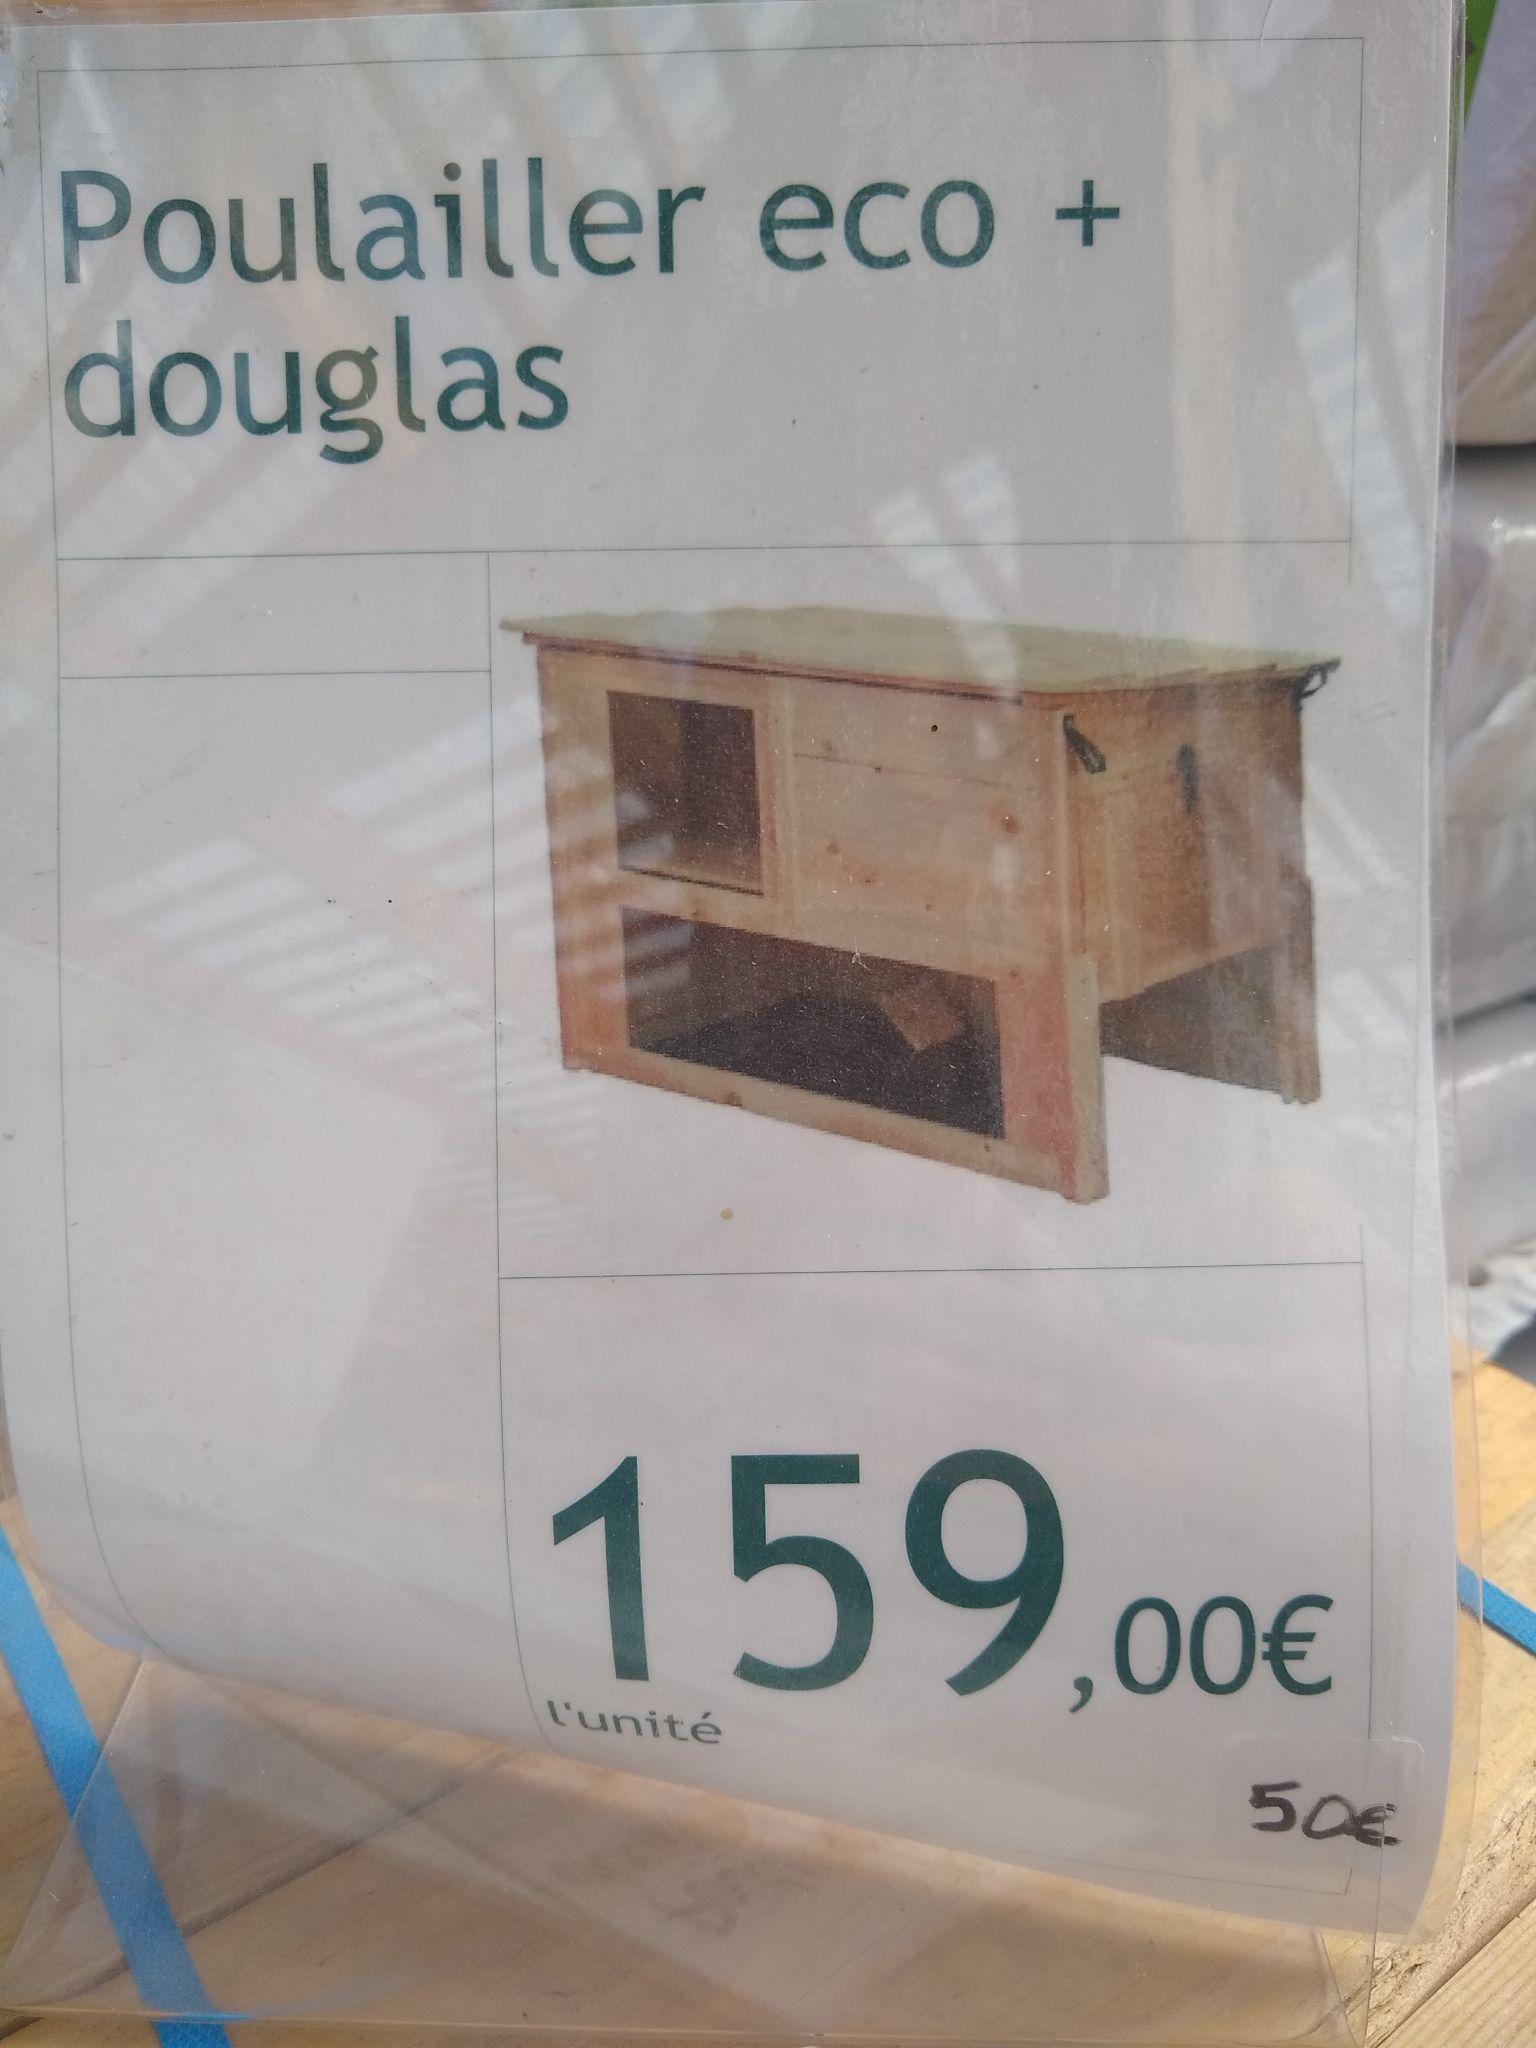 Poulailler Eco+ Douglas (Villefranche-sur-Saône 69)